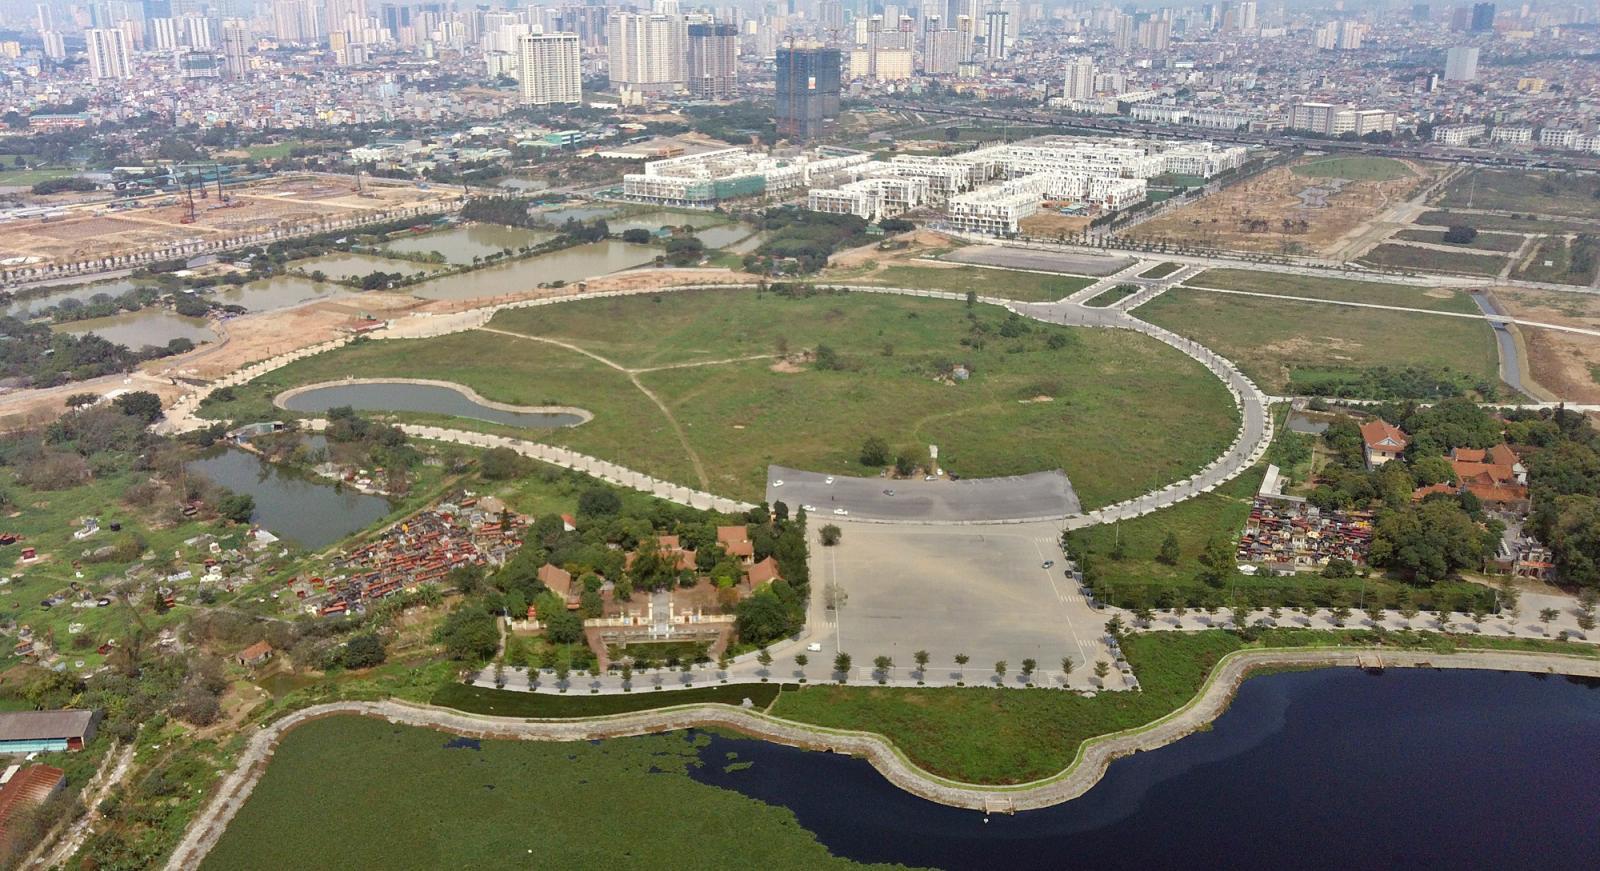 công viên chu văn an